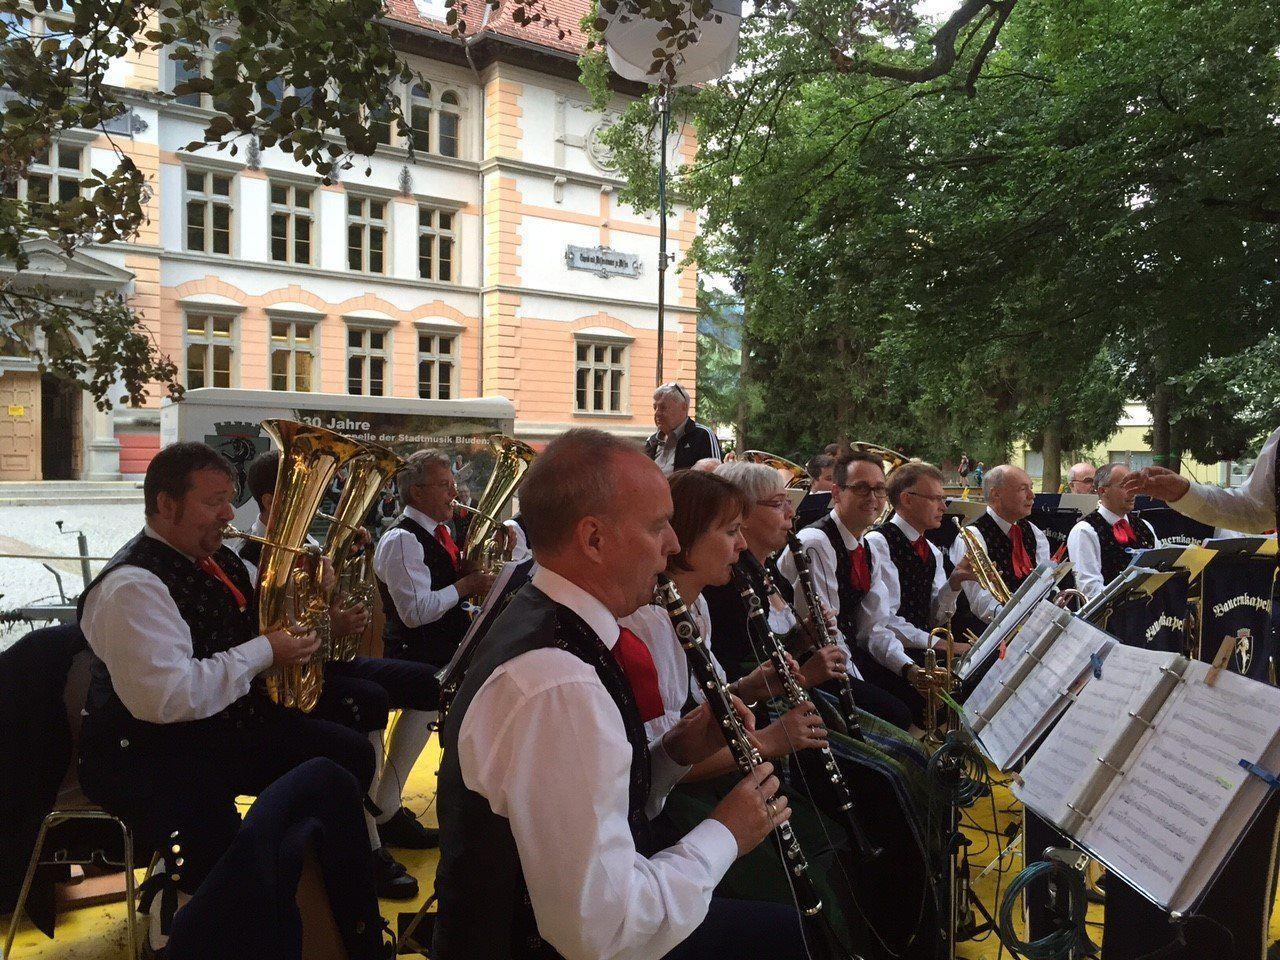 Gelungenes Parkfest der Stadtmusik